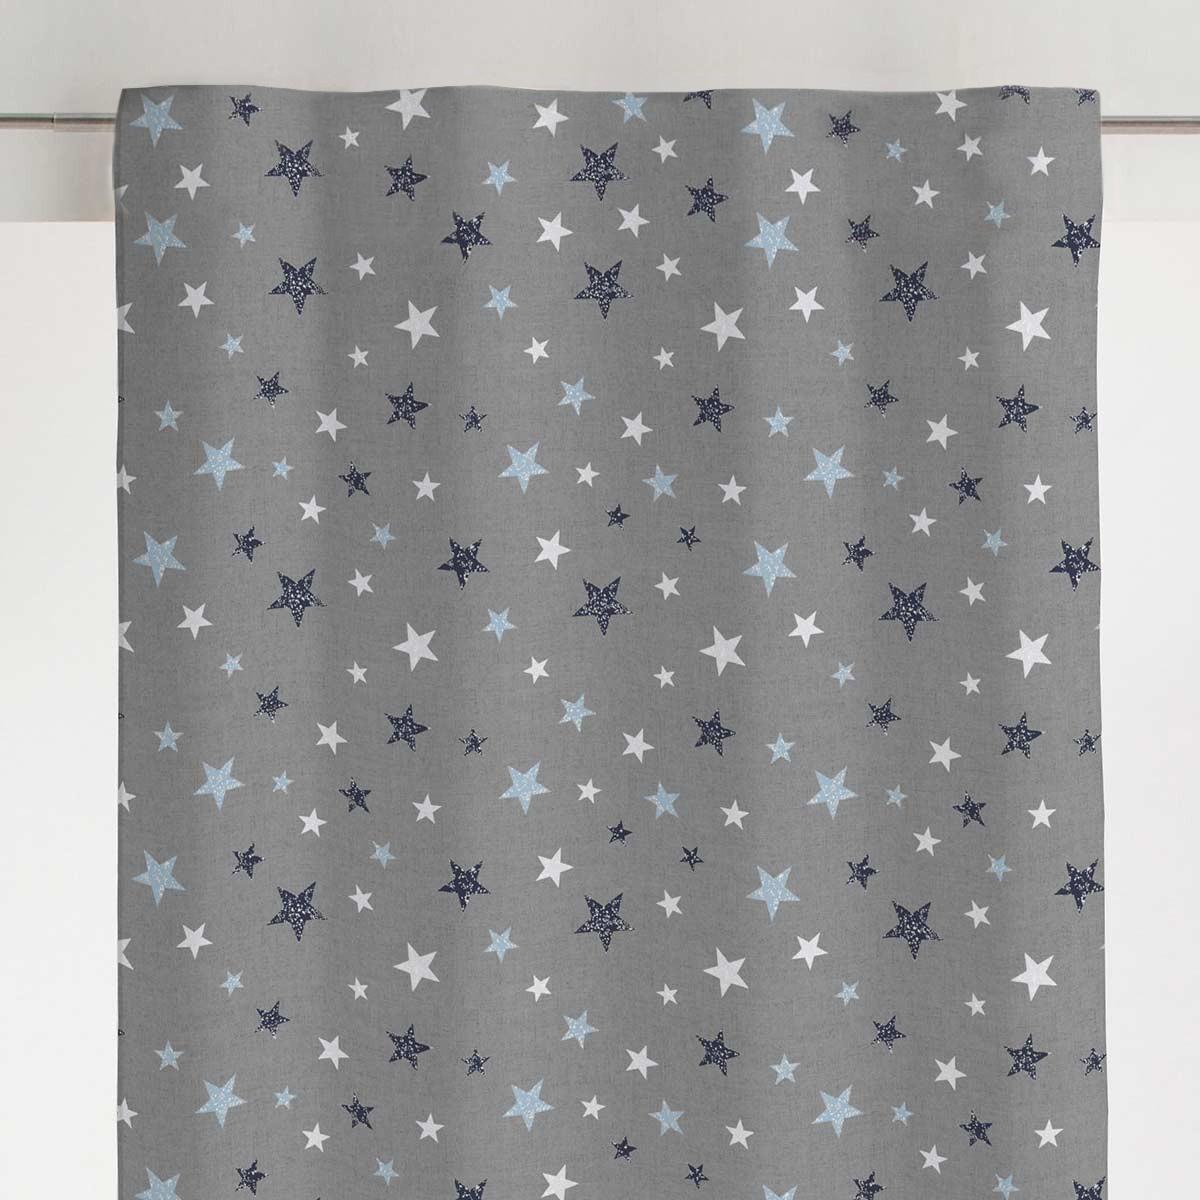 Παιδική Κουρτίνα (140×270) Με Τρέσα Viopros Σκάι Μπλε